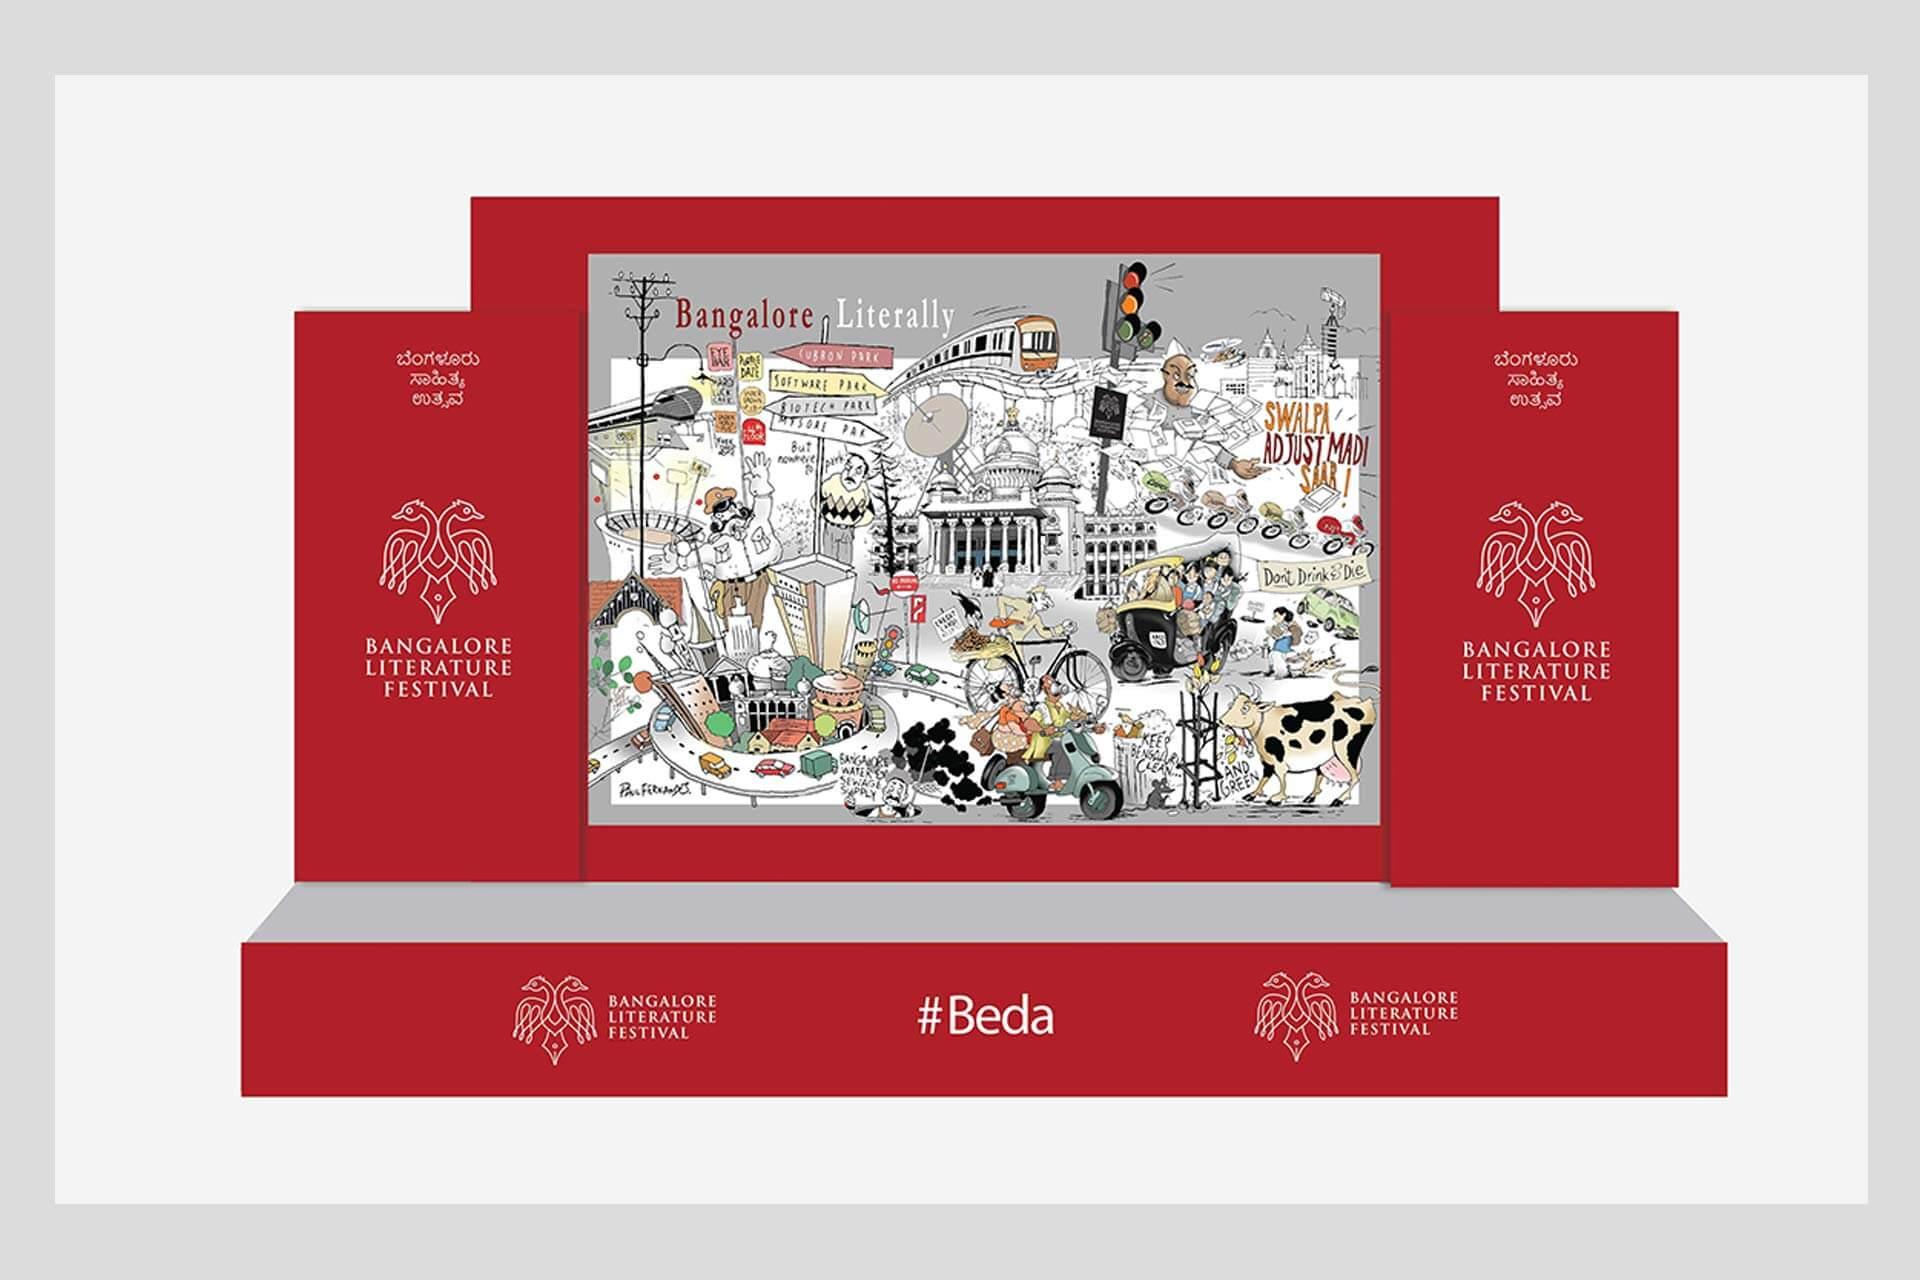 #Beda stage design at BLF 2016